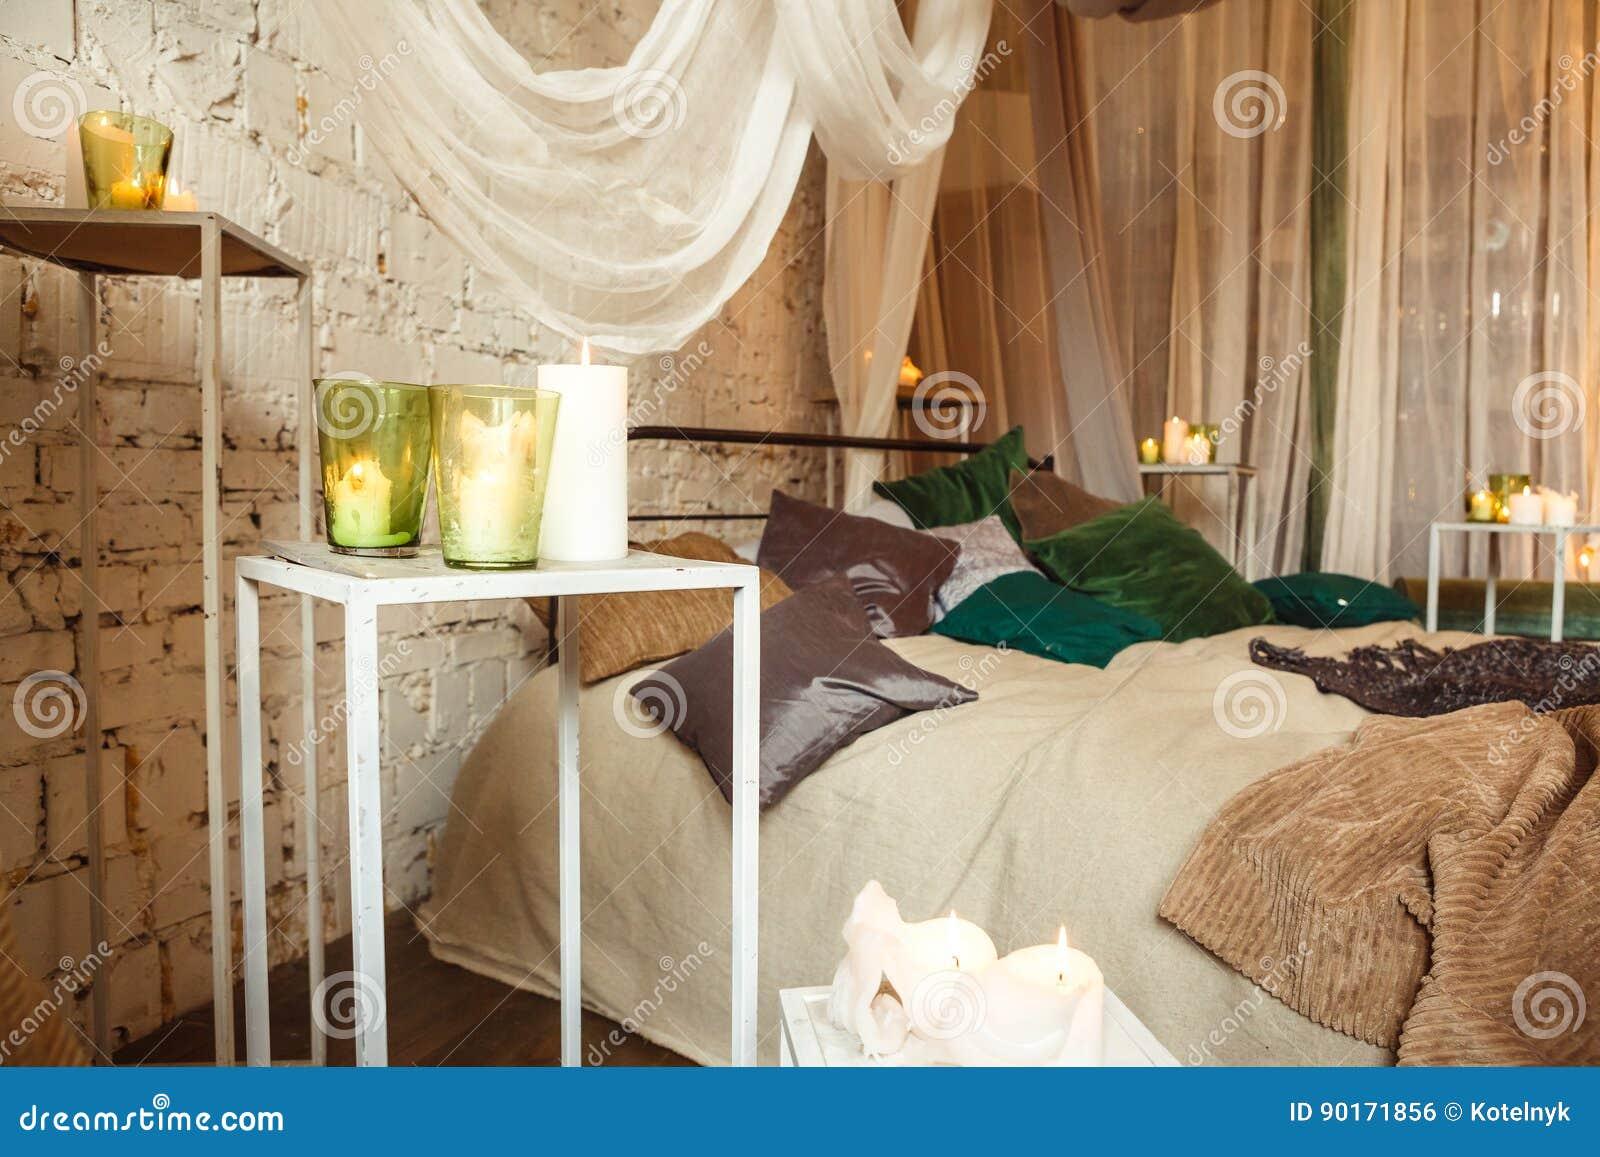 Slaapkamer Kleuren Grijs : Boho binnenlandse slaapkamer met gordijnen stock foto afbeelding